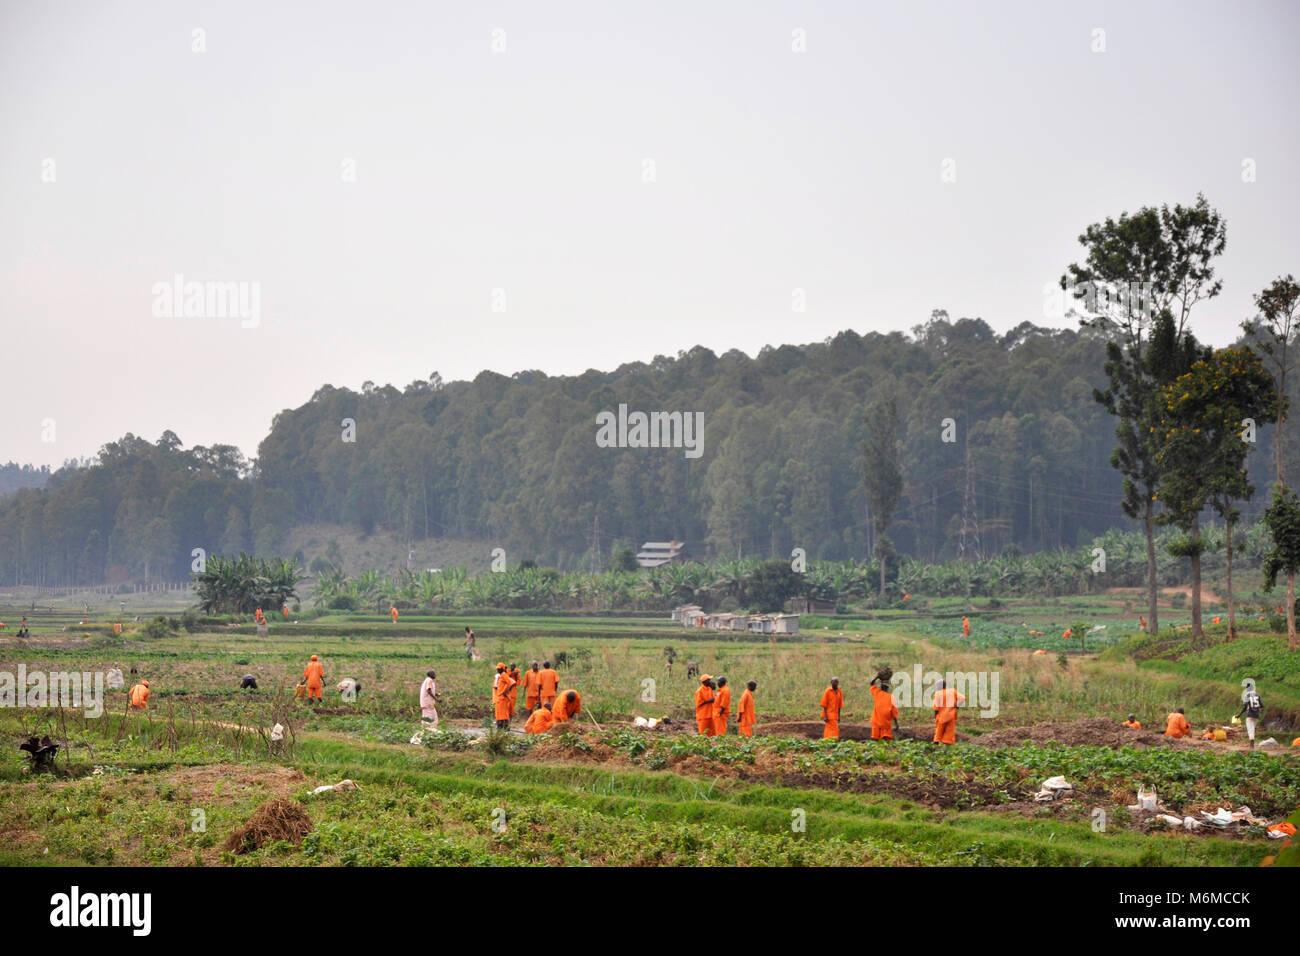 Rwanda, Butare, Prisoners working in rice field - Stock Image